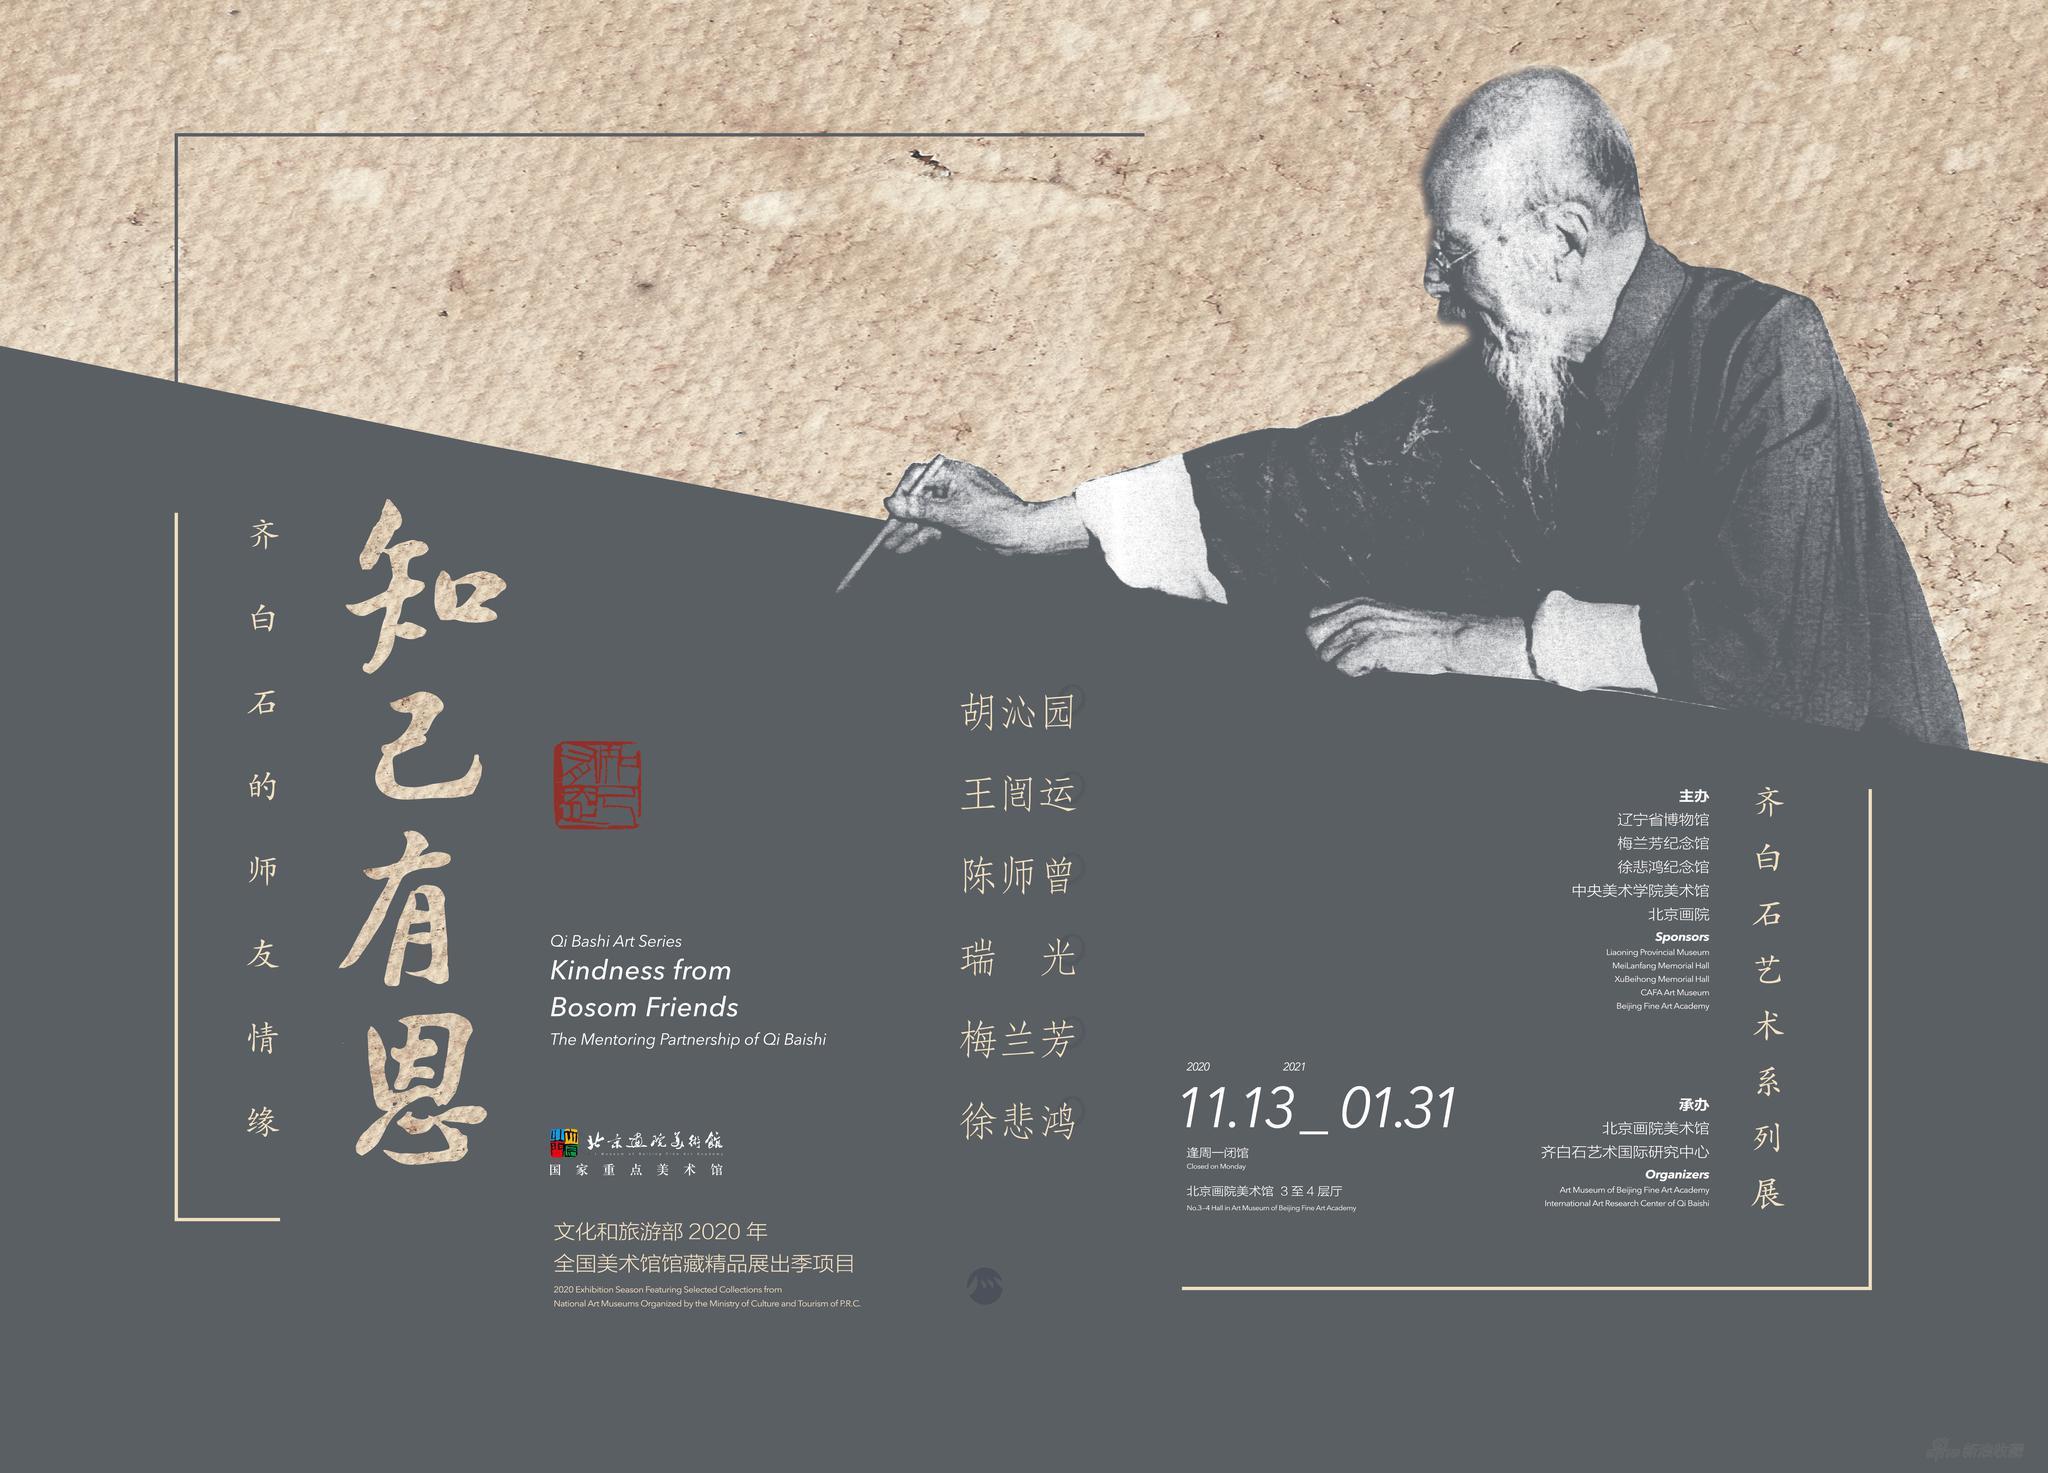 《知己有恩——齐白石的师友情缘》展览海报